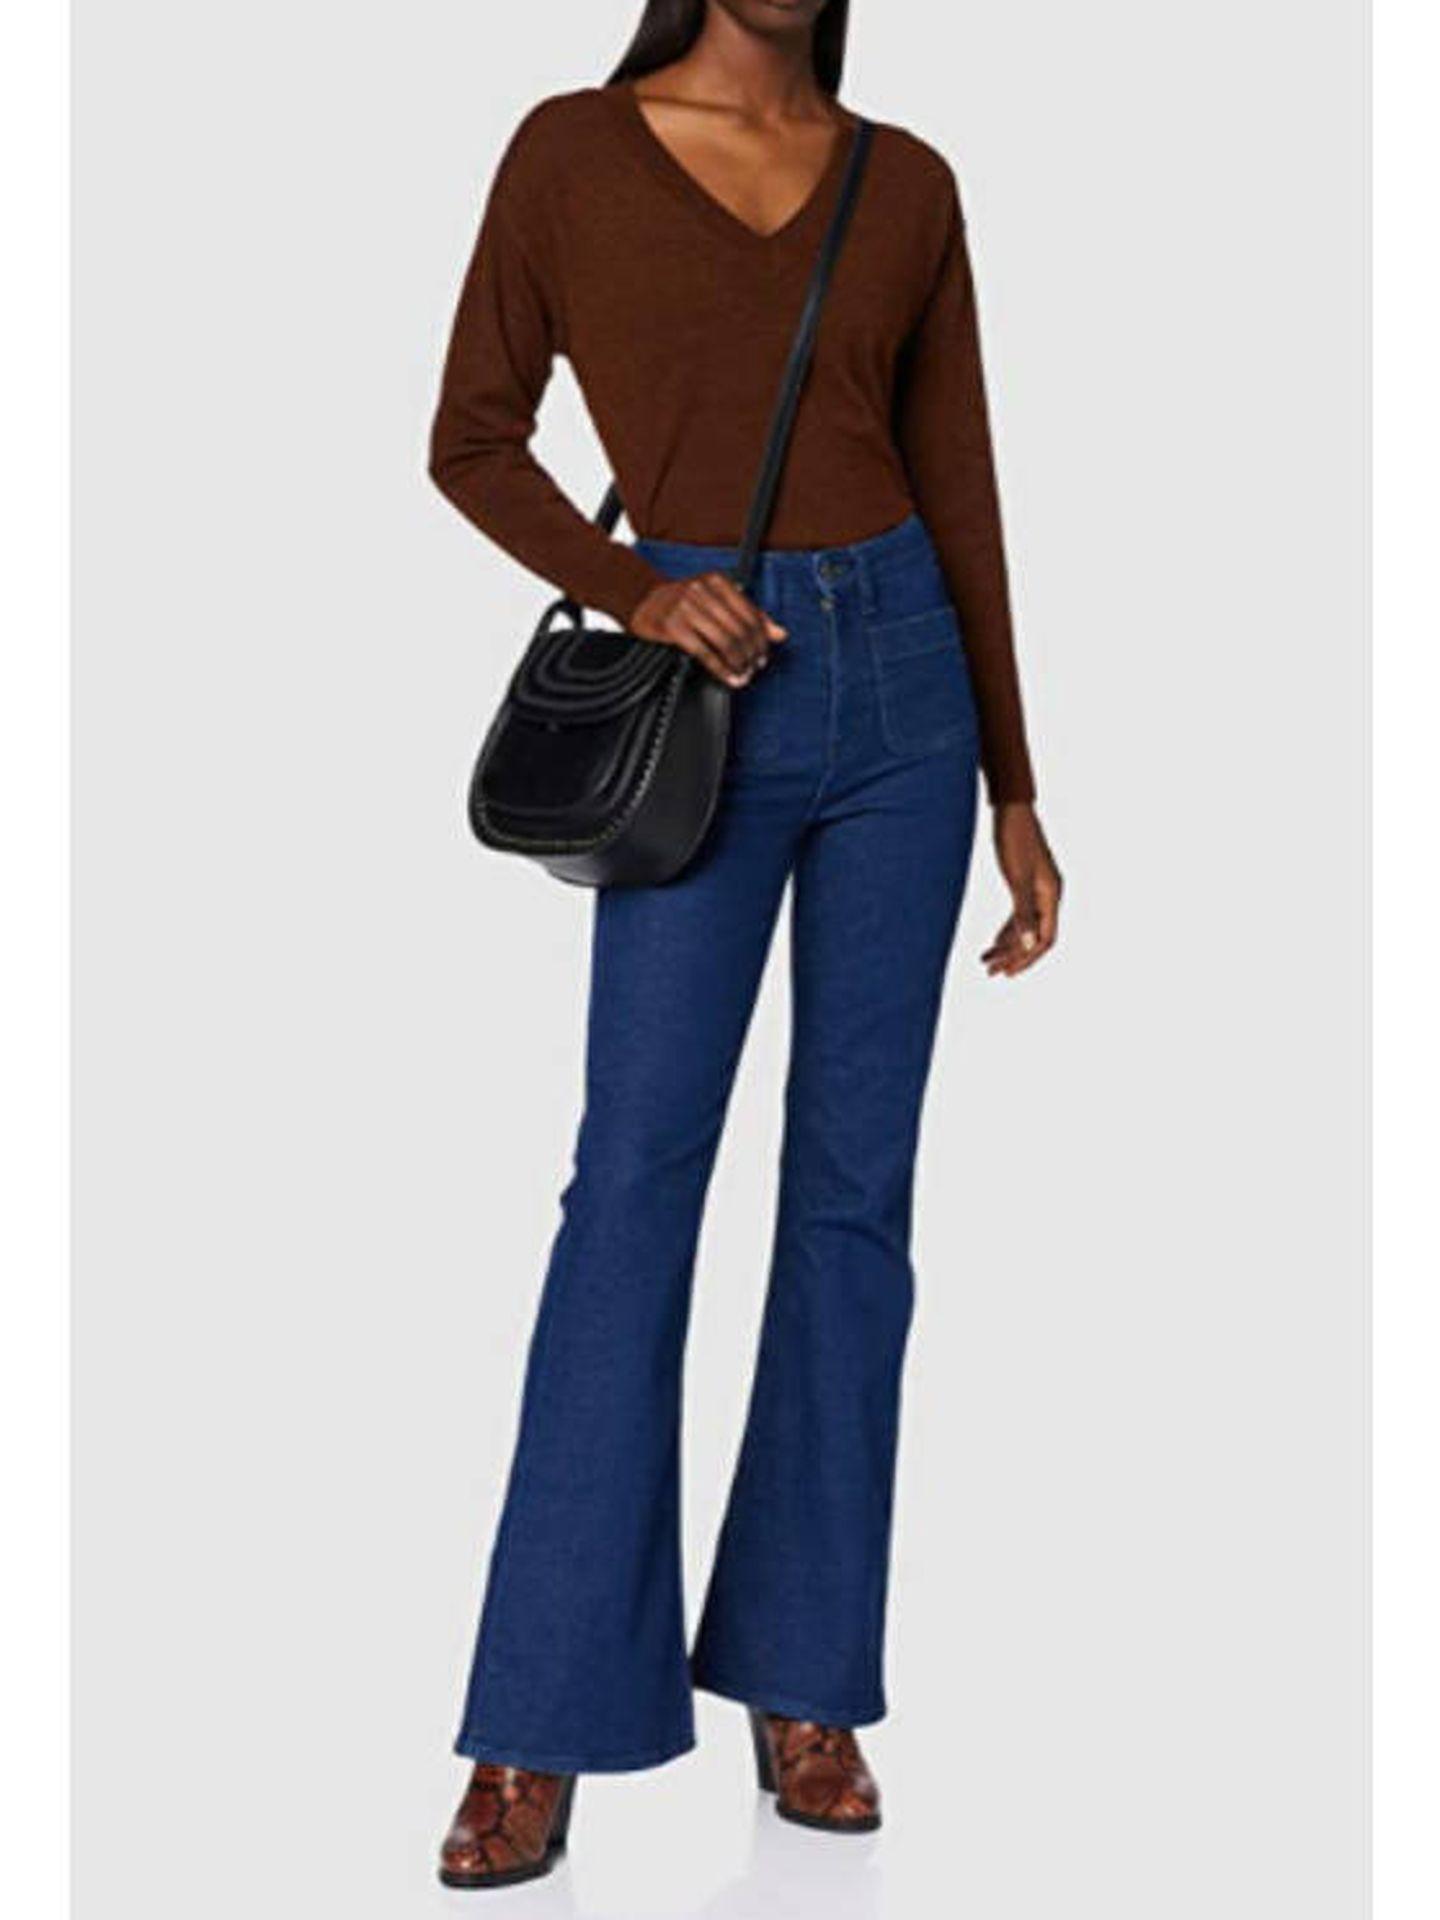 Jeans de Lee. (Cortesía)